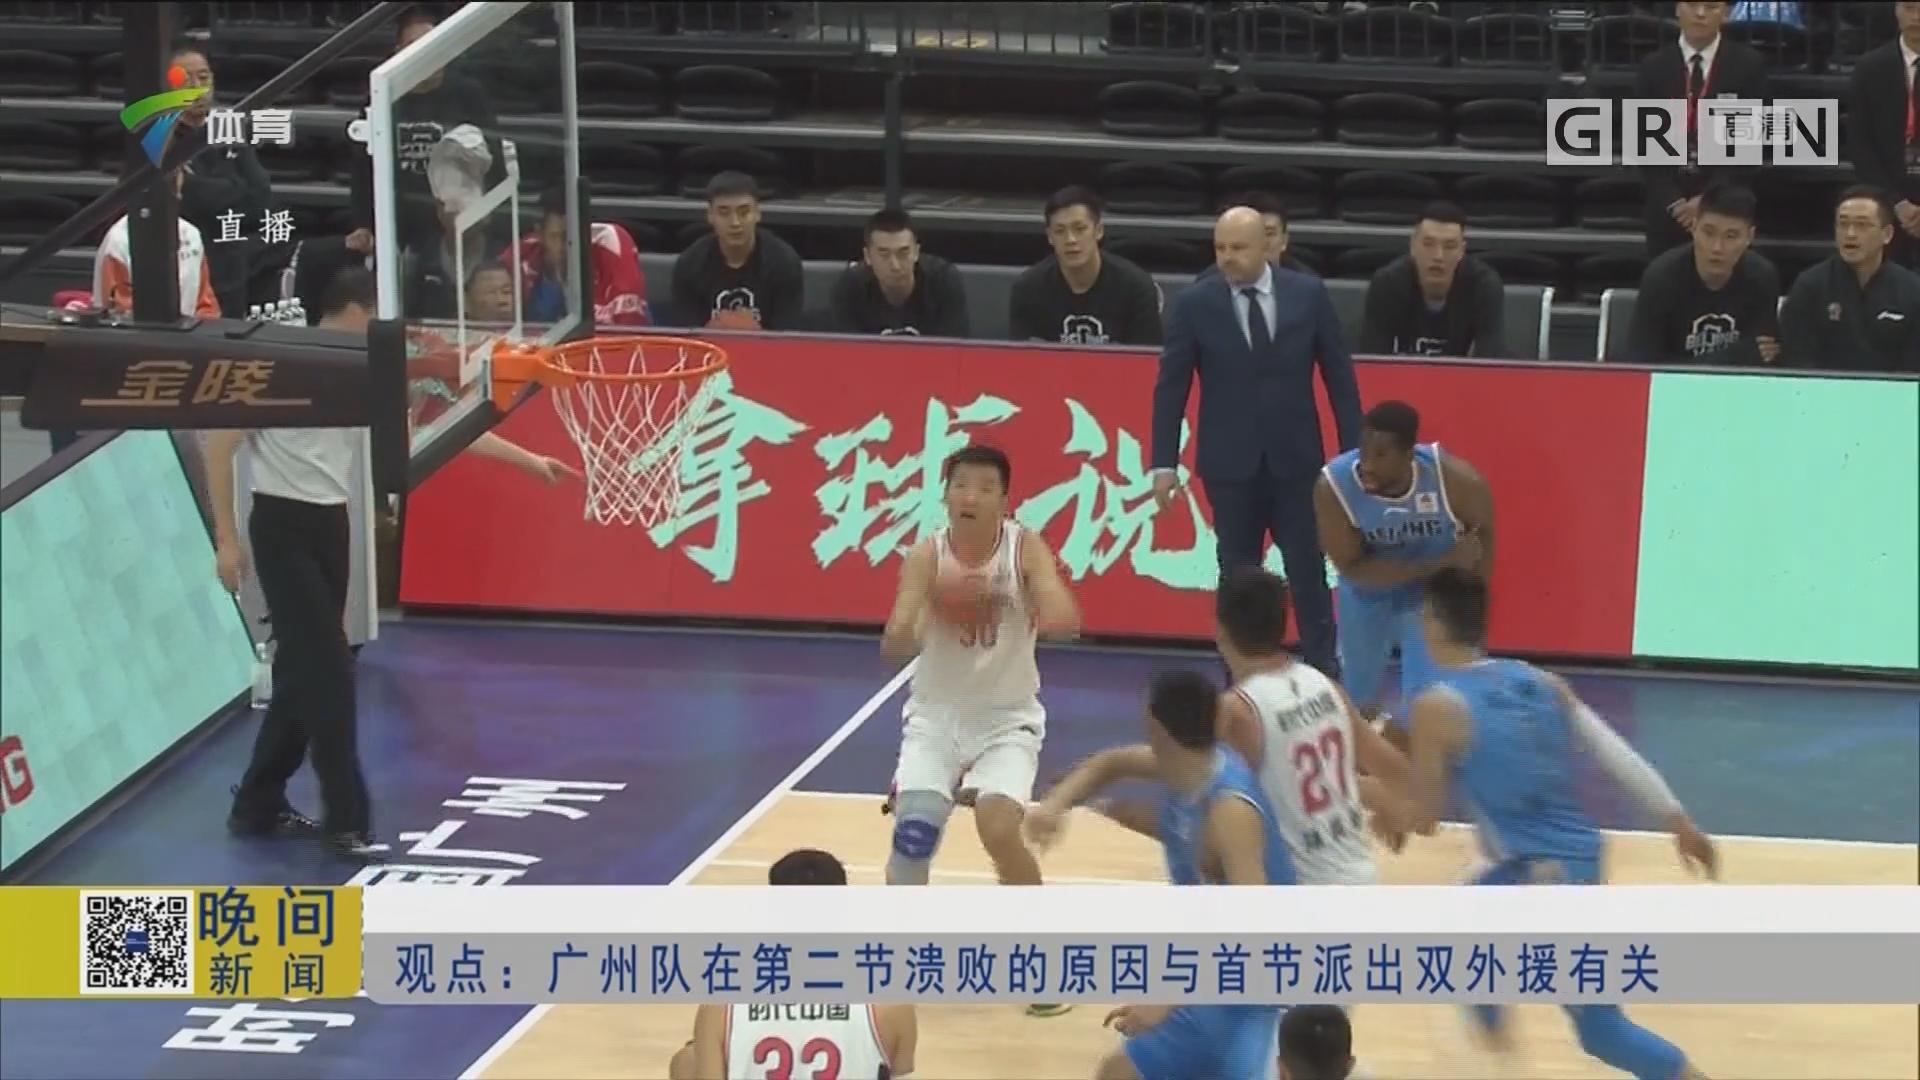 观点:广州队在第二节溃败的原因与首节派出双外援有关